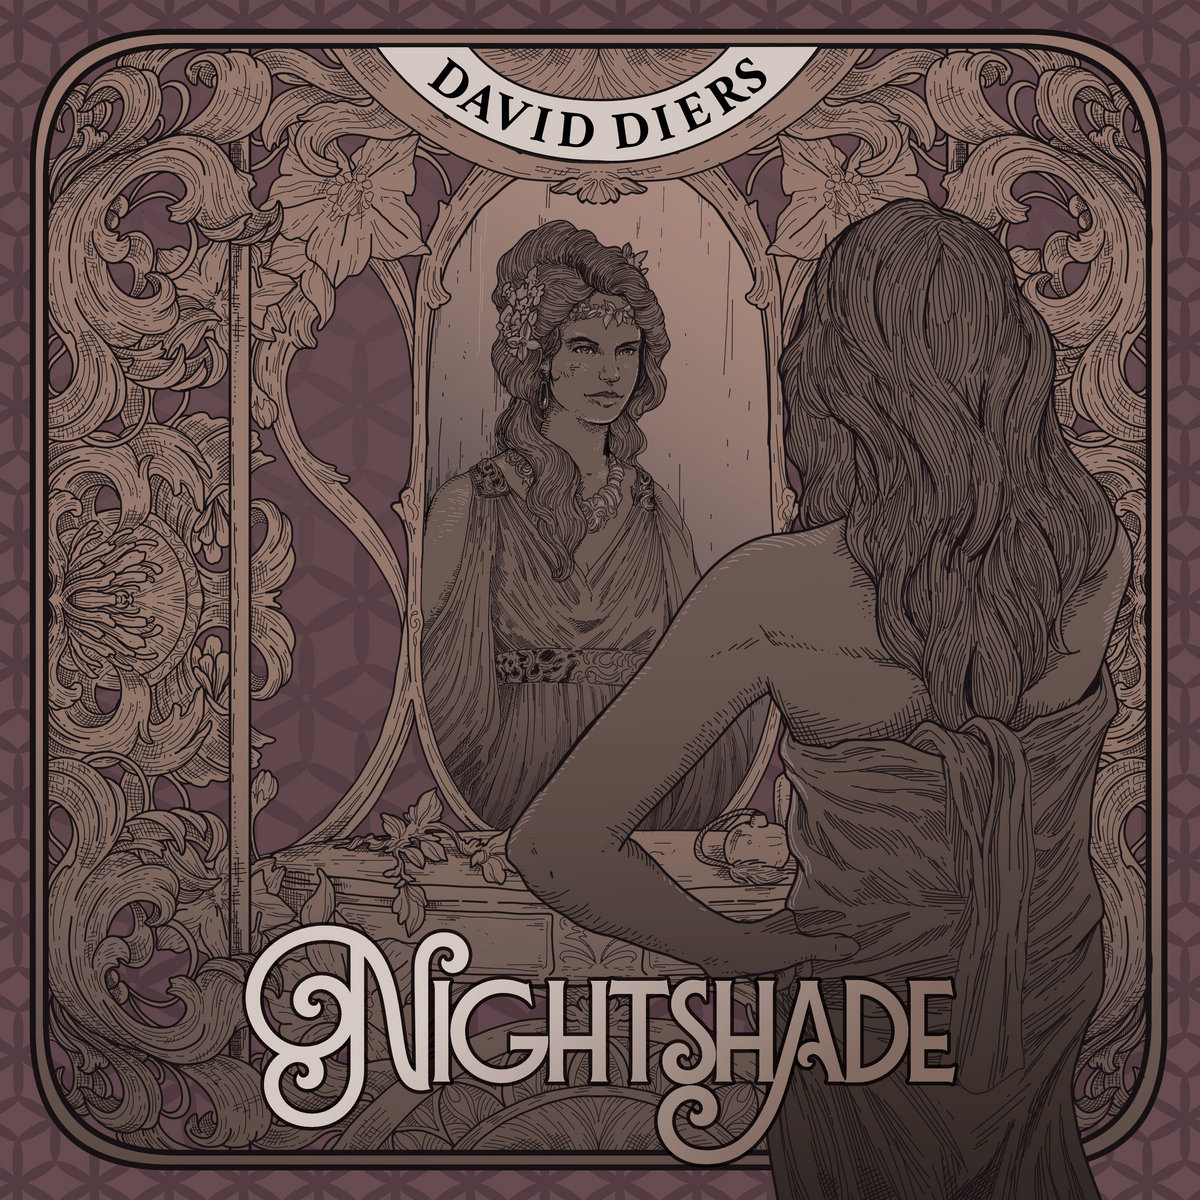 Nightshade by David Diers